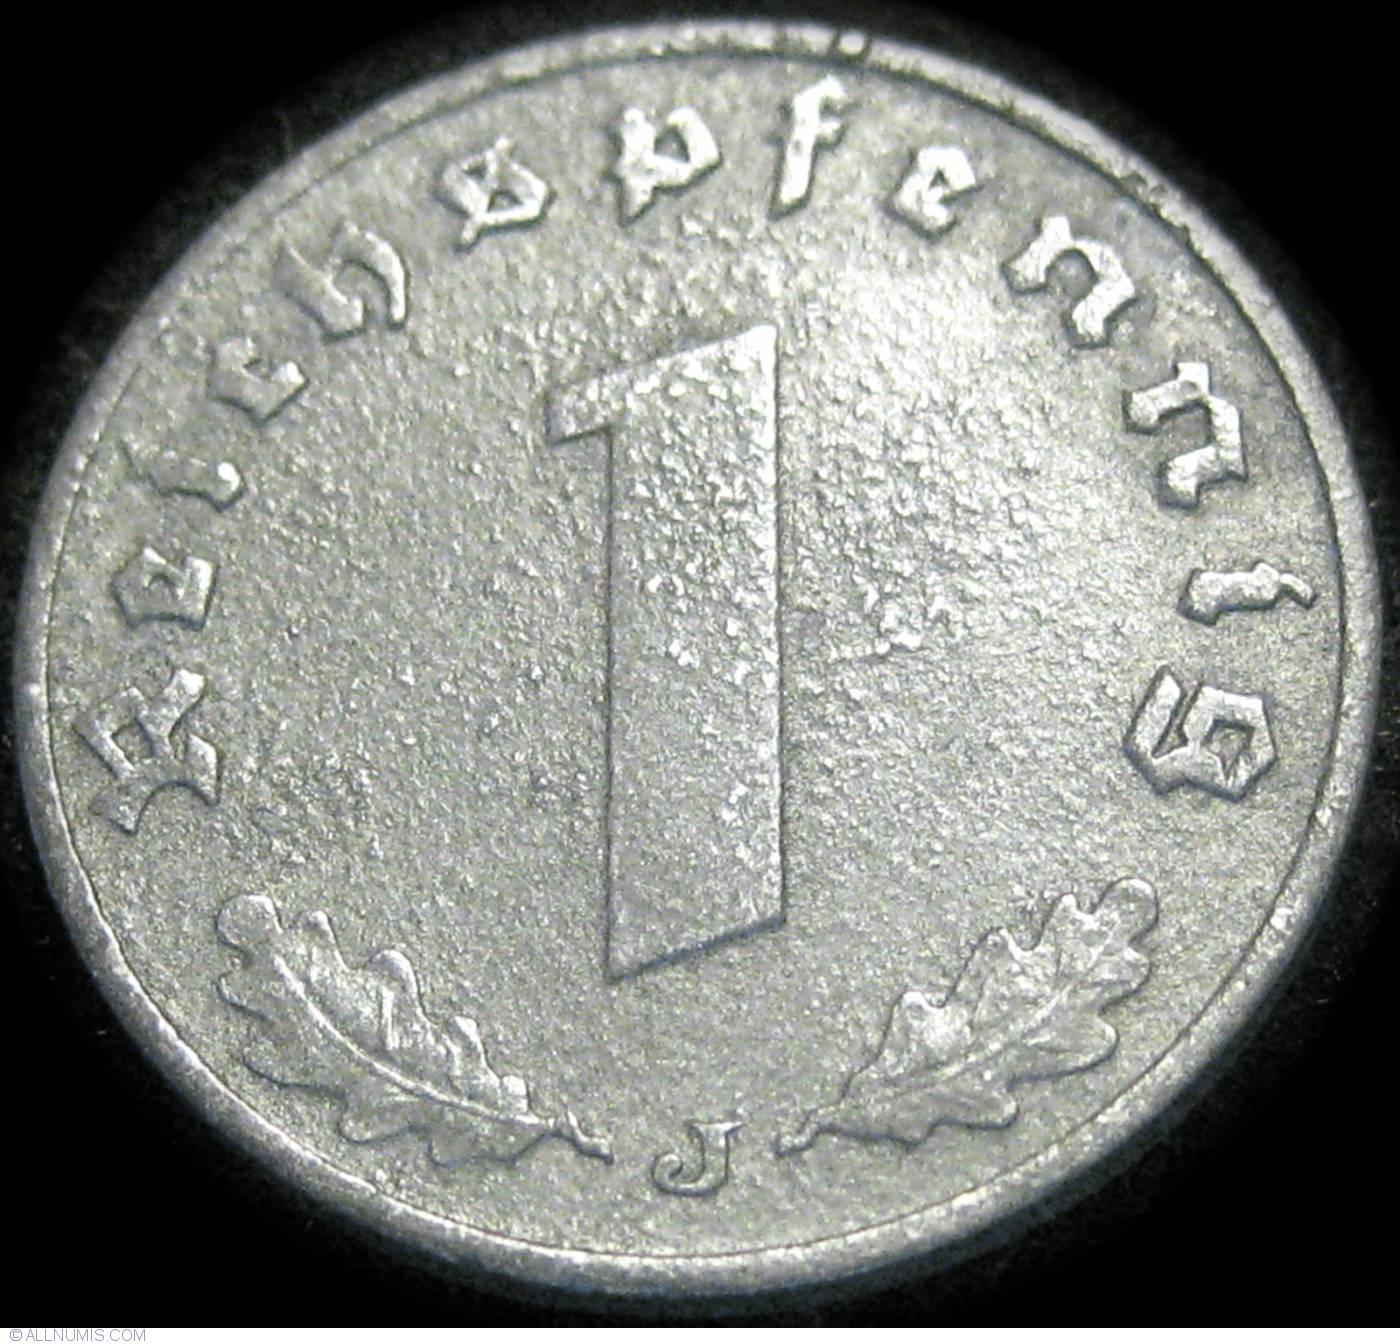 1 Reichspfennig 1941 J, Third Reich (1933-1945) - Germany